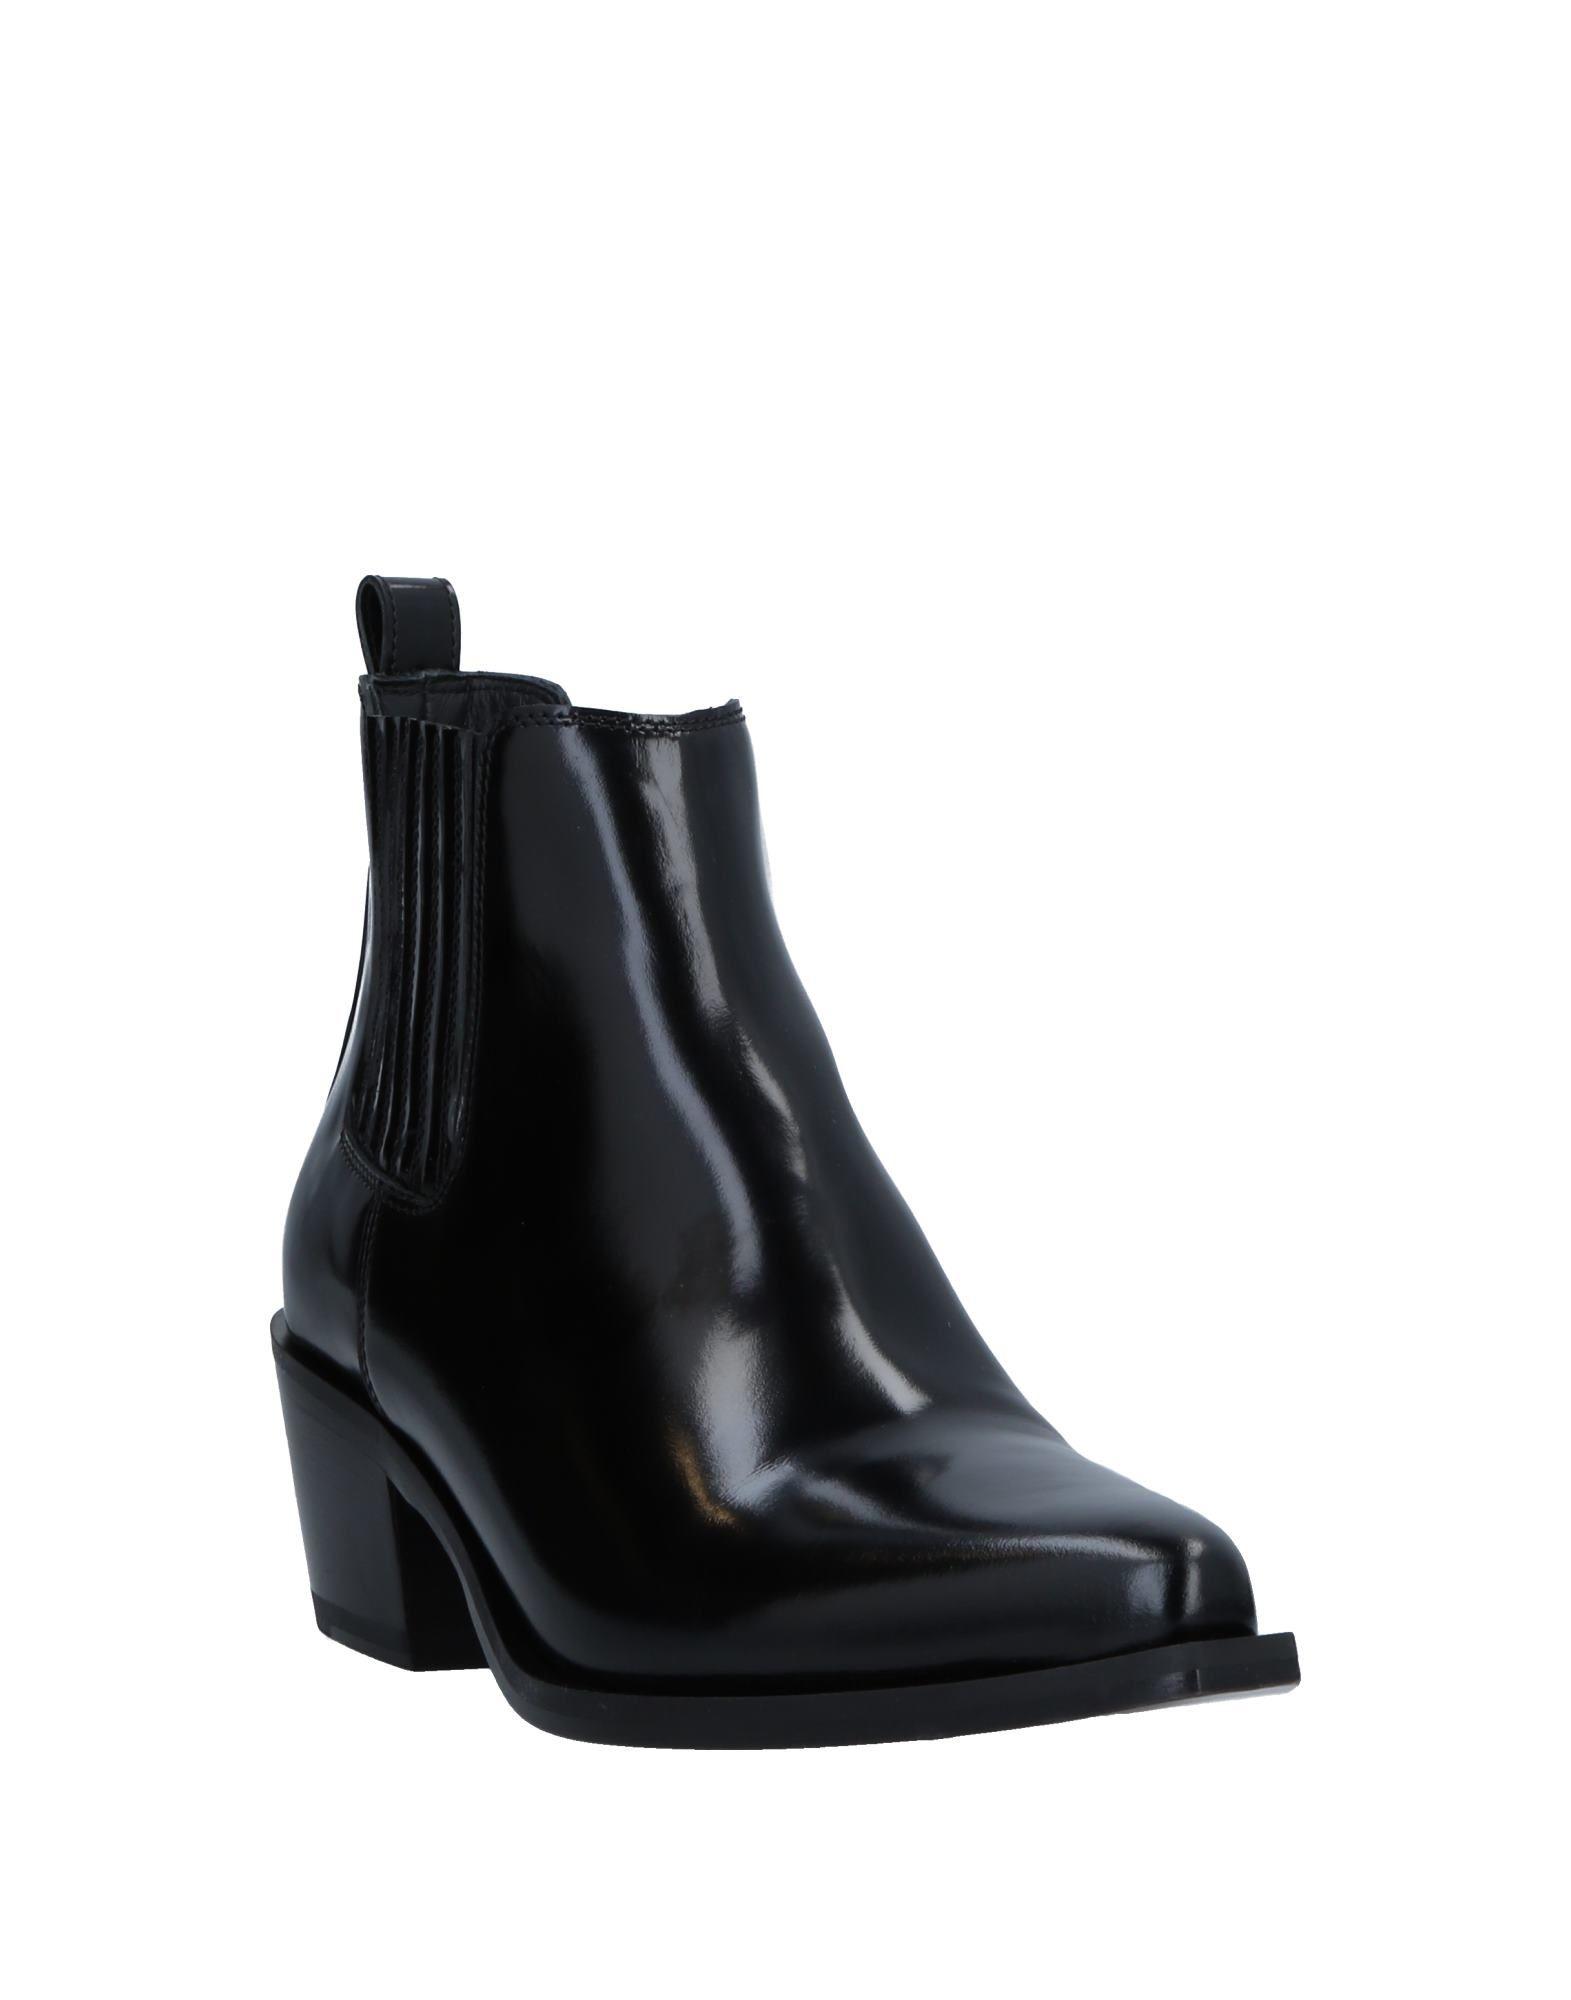 Pinko Chelsea Stiefel Damen Gutes 4122 Preis-Leistungs-Verhältnis, es lohnt sich 4122 Gutes 28dfa9